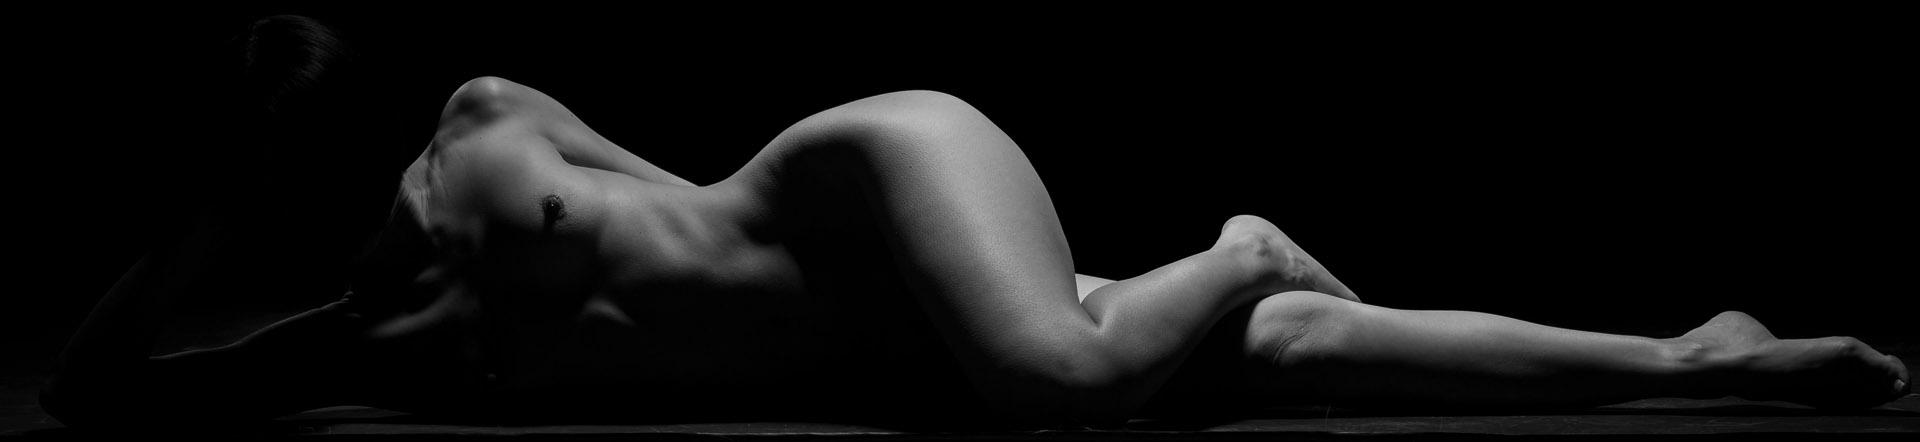 Καλλιτεχνικό Γυμνό